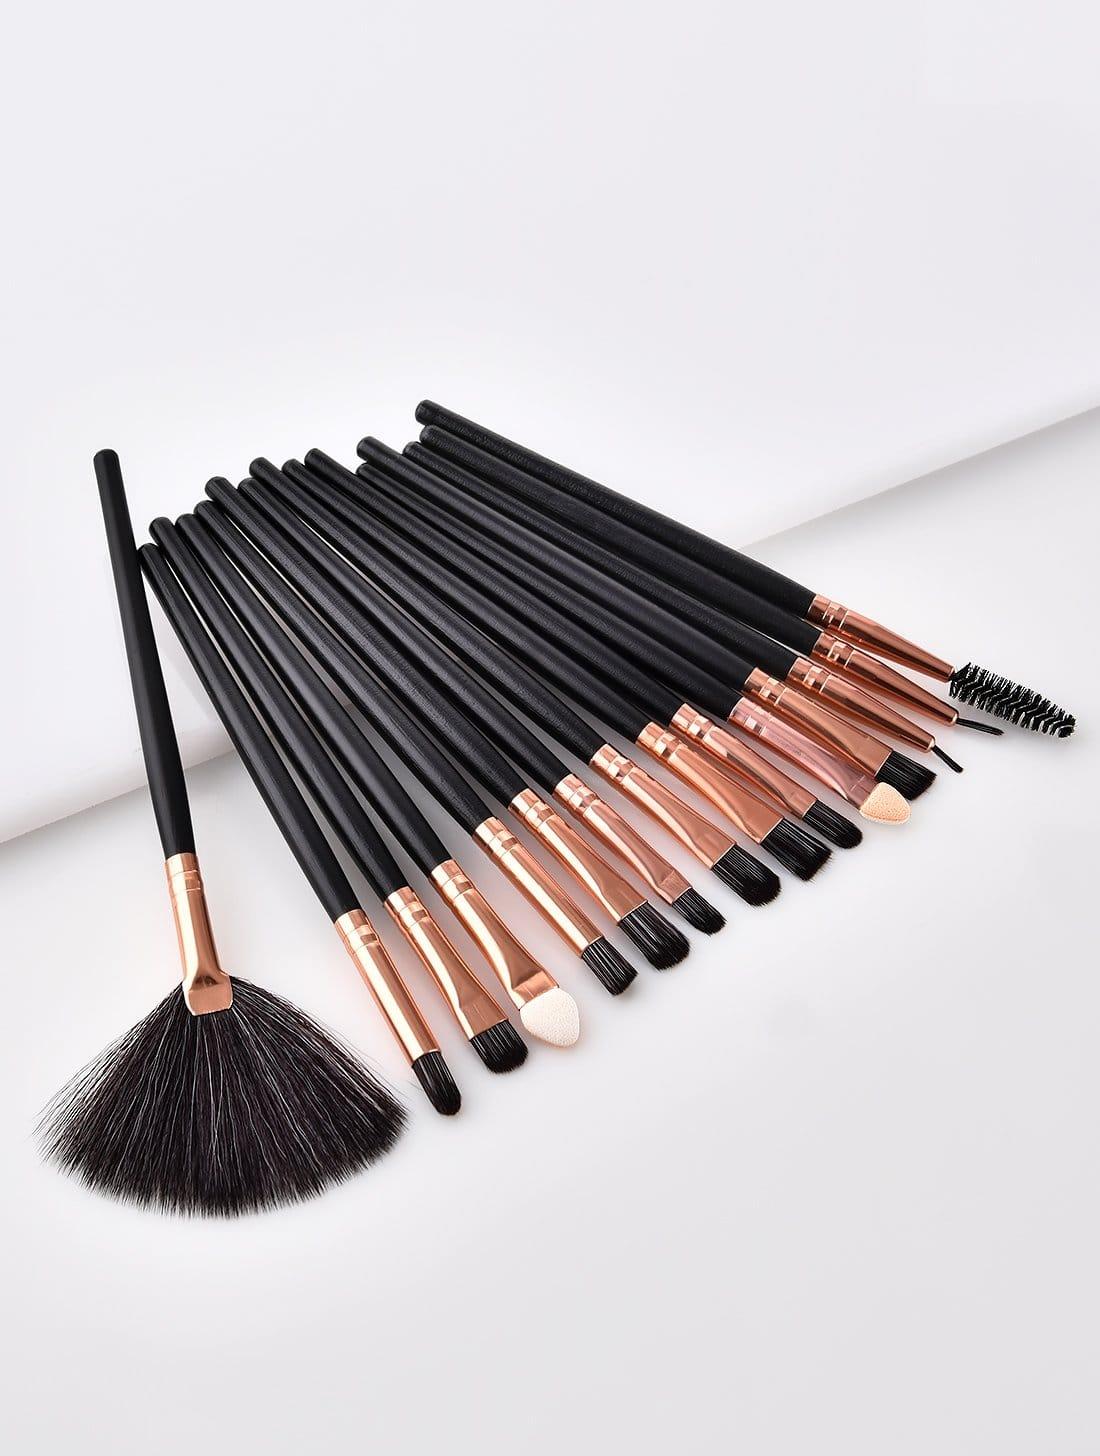 Купить Фантастическая макияж для кистей 15шт., null, SheIn